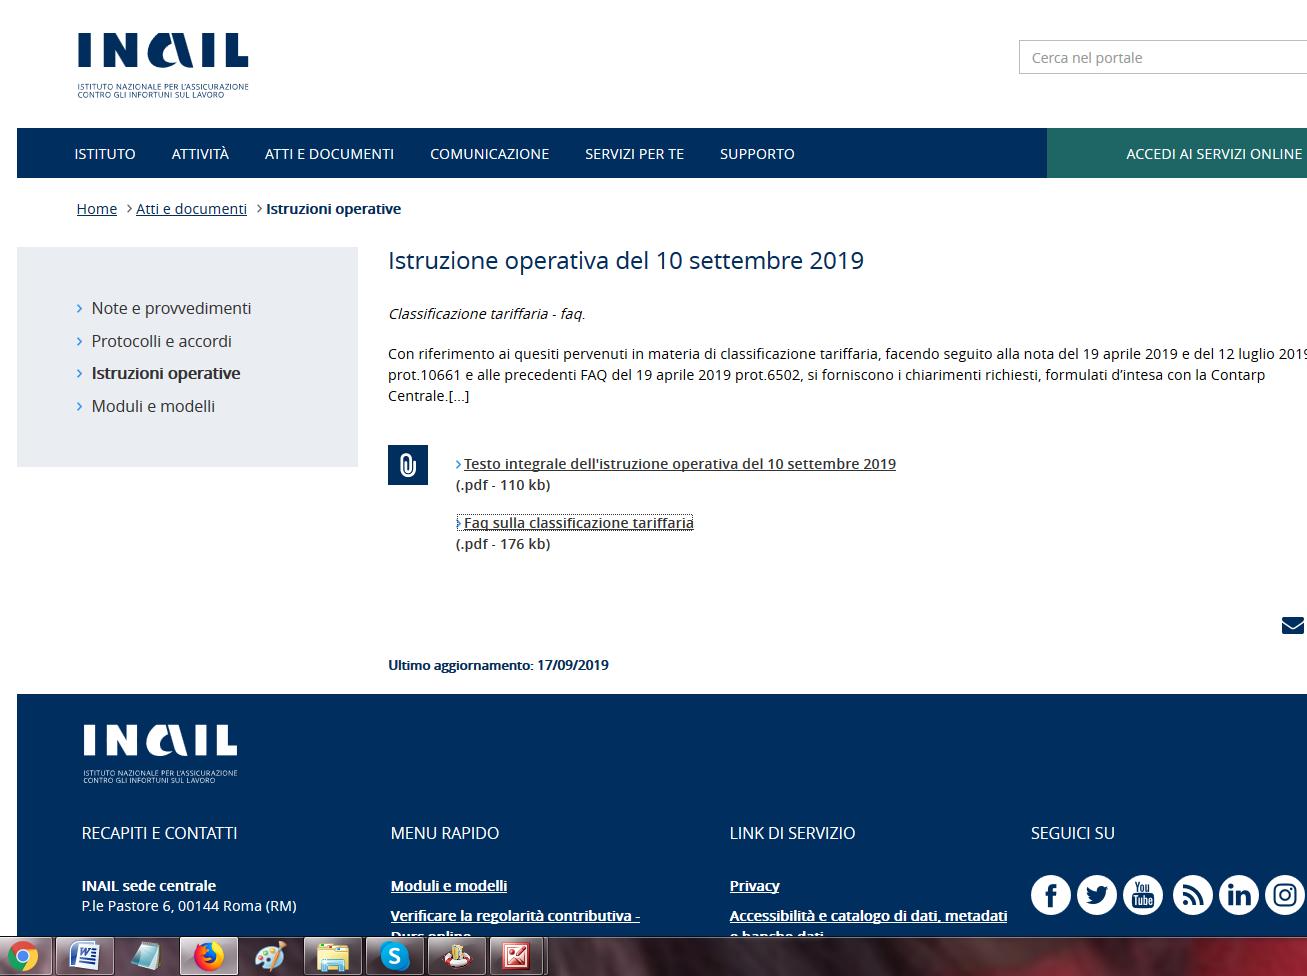 INAIL-FAQ